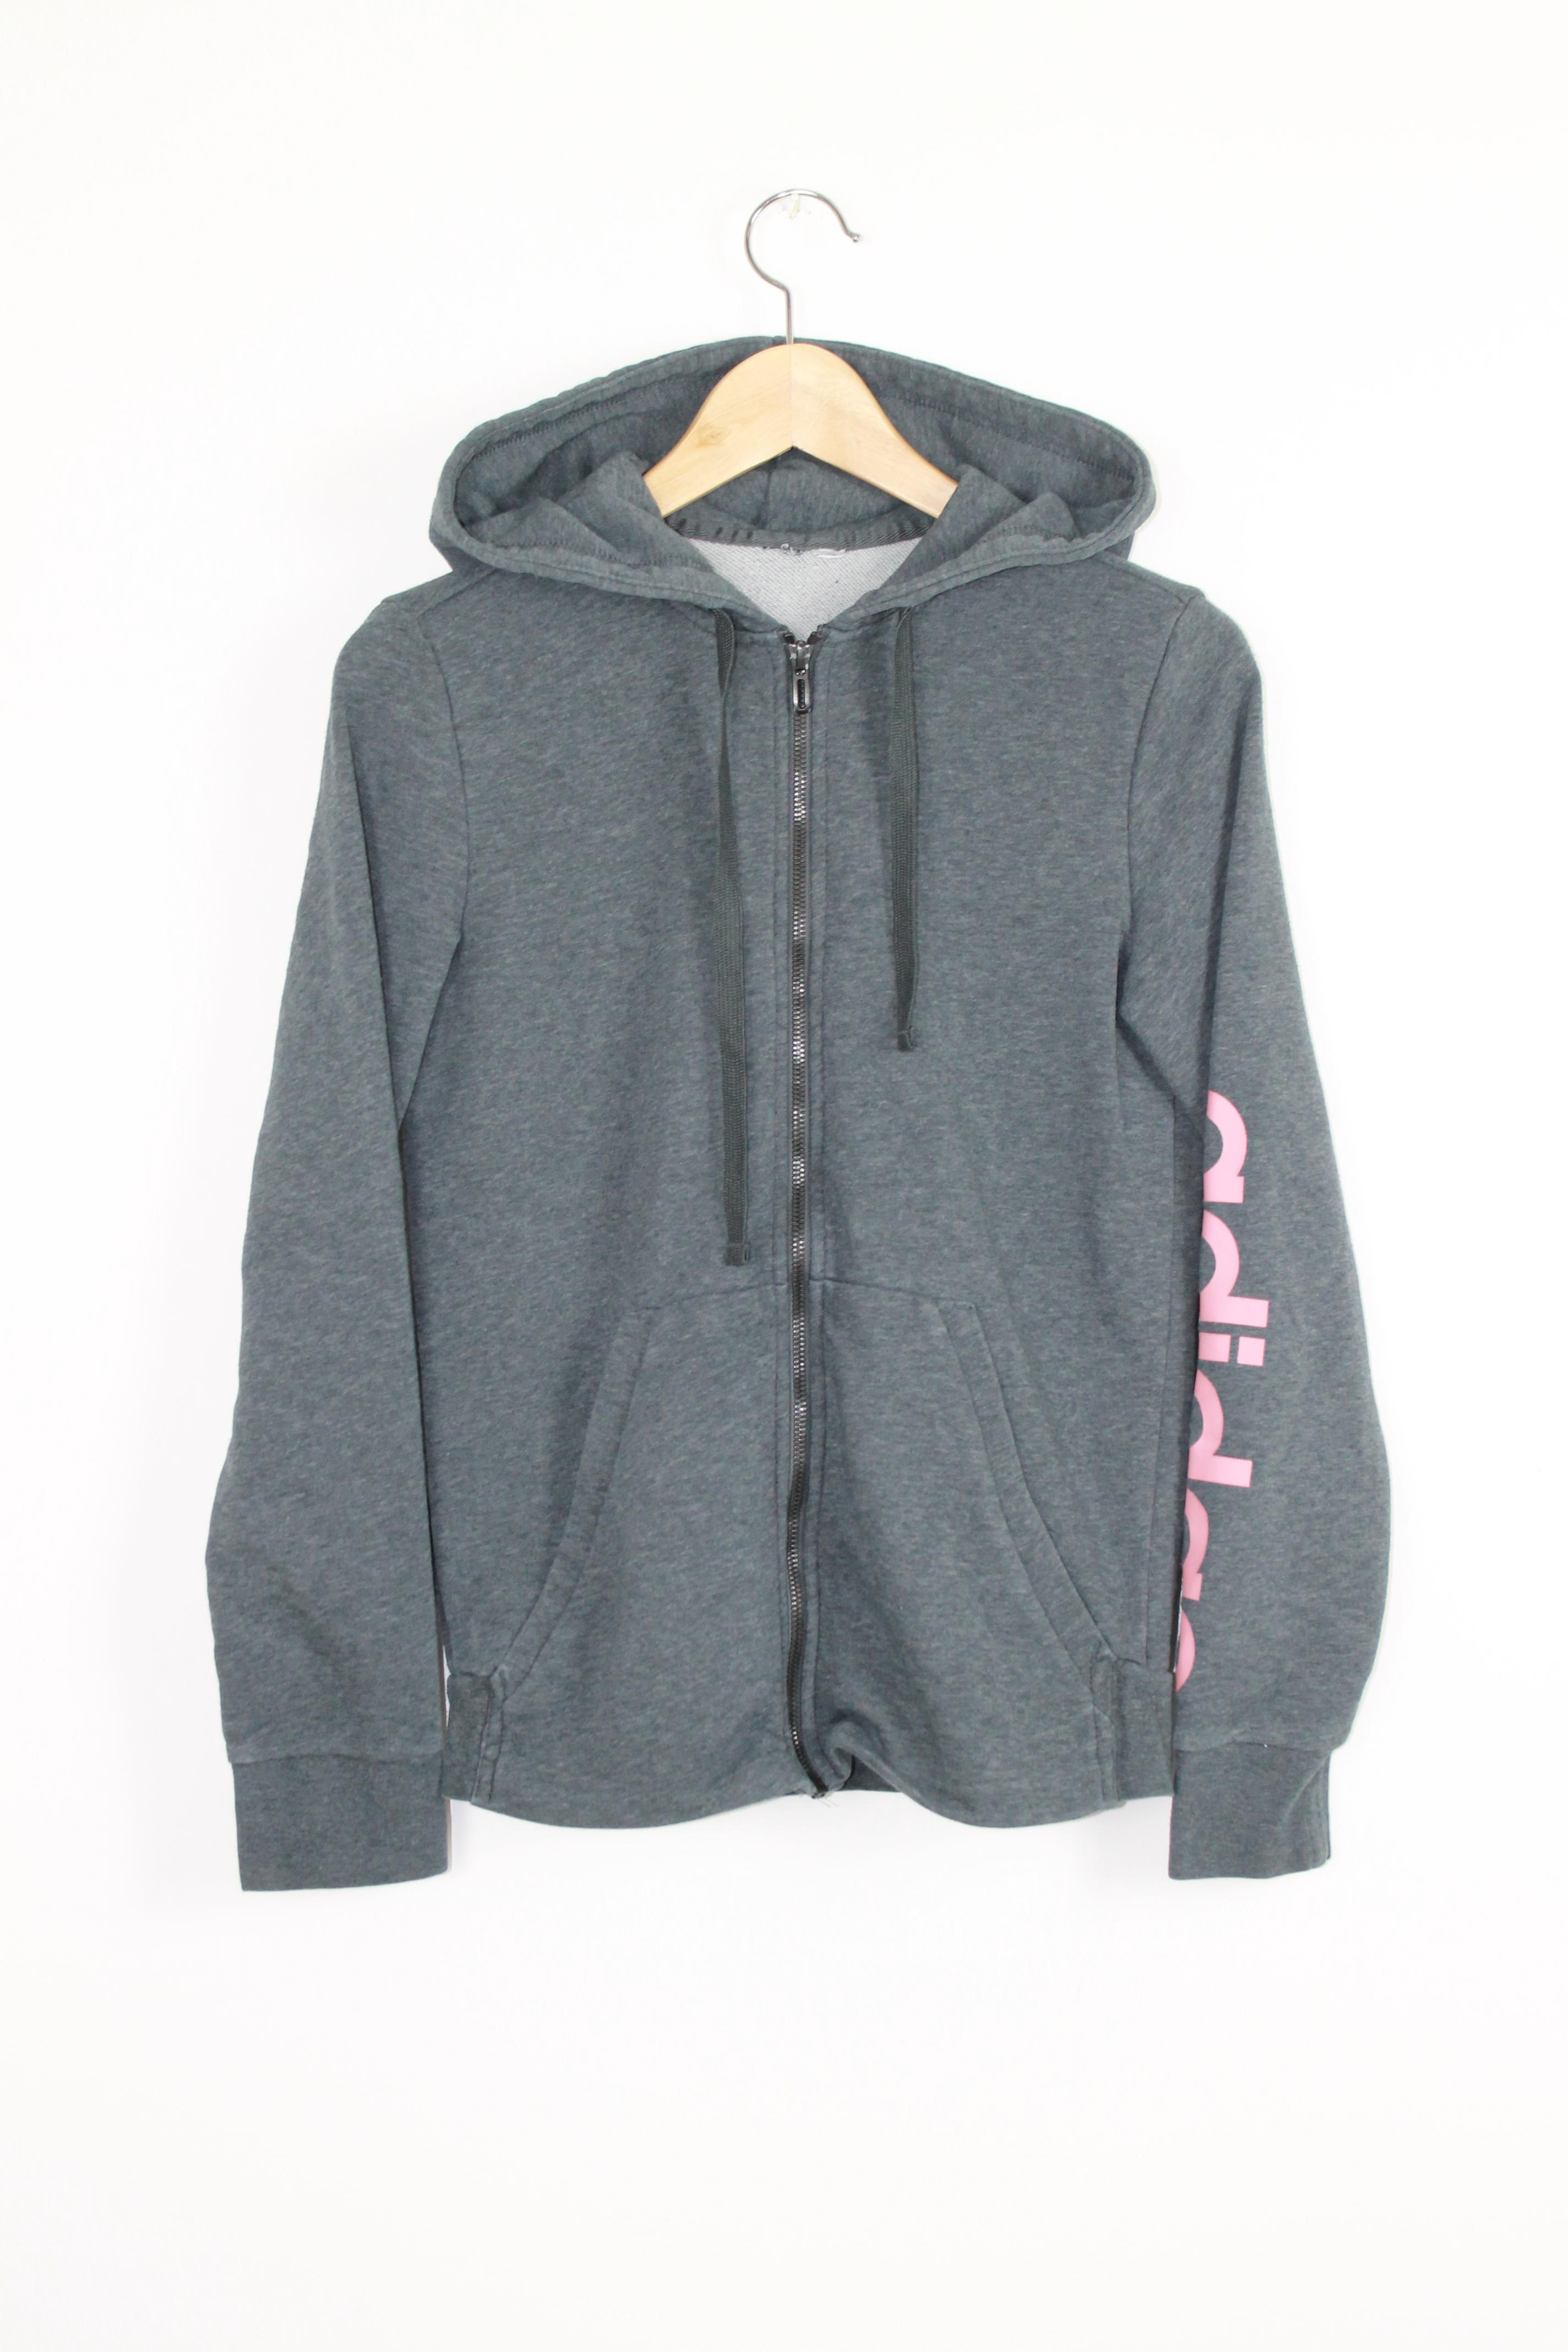 Adidas - Felpa zip cappuccio